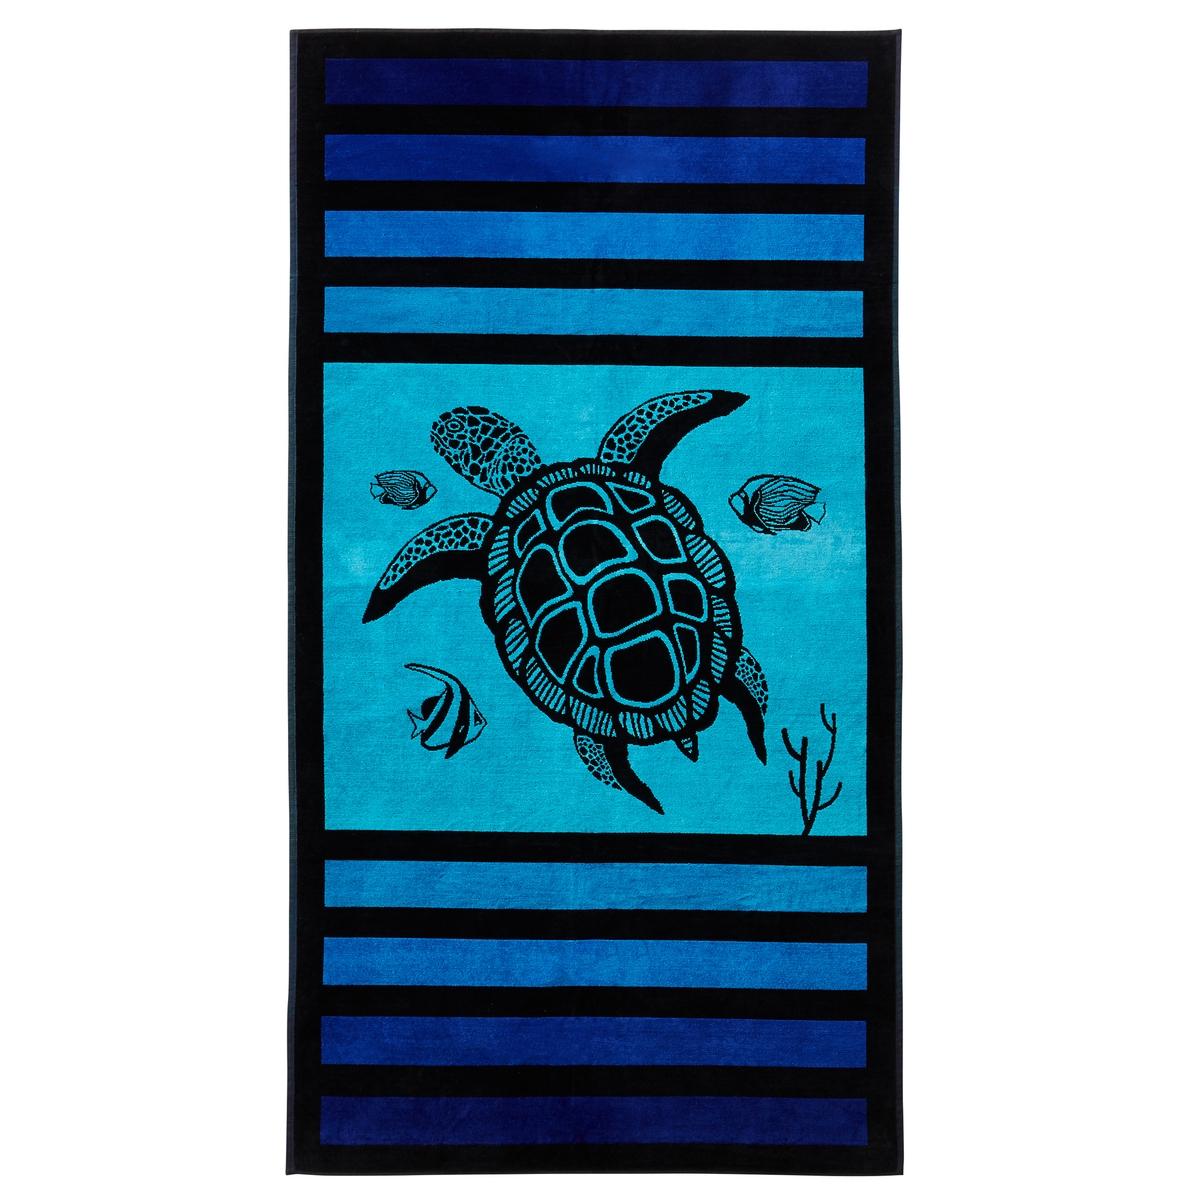 Полотенце пляжное SandyПолотенце пляжное из велюра с жаккардовым рисункомХарактеристики пляжного полотенца Sandy :Махровая ткань из велюра с жаккардовым рисунком, 100% хлопок.440 г/м?.Машинная стирка при 60 °С.Размеры пляжного полотенца Sandy :95 x 175 см<br><br>Цвет: розовый,синий<br>Размер: единый размер